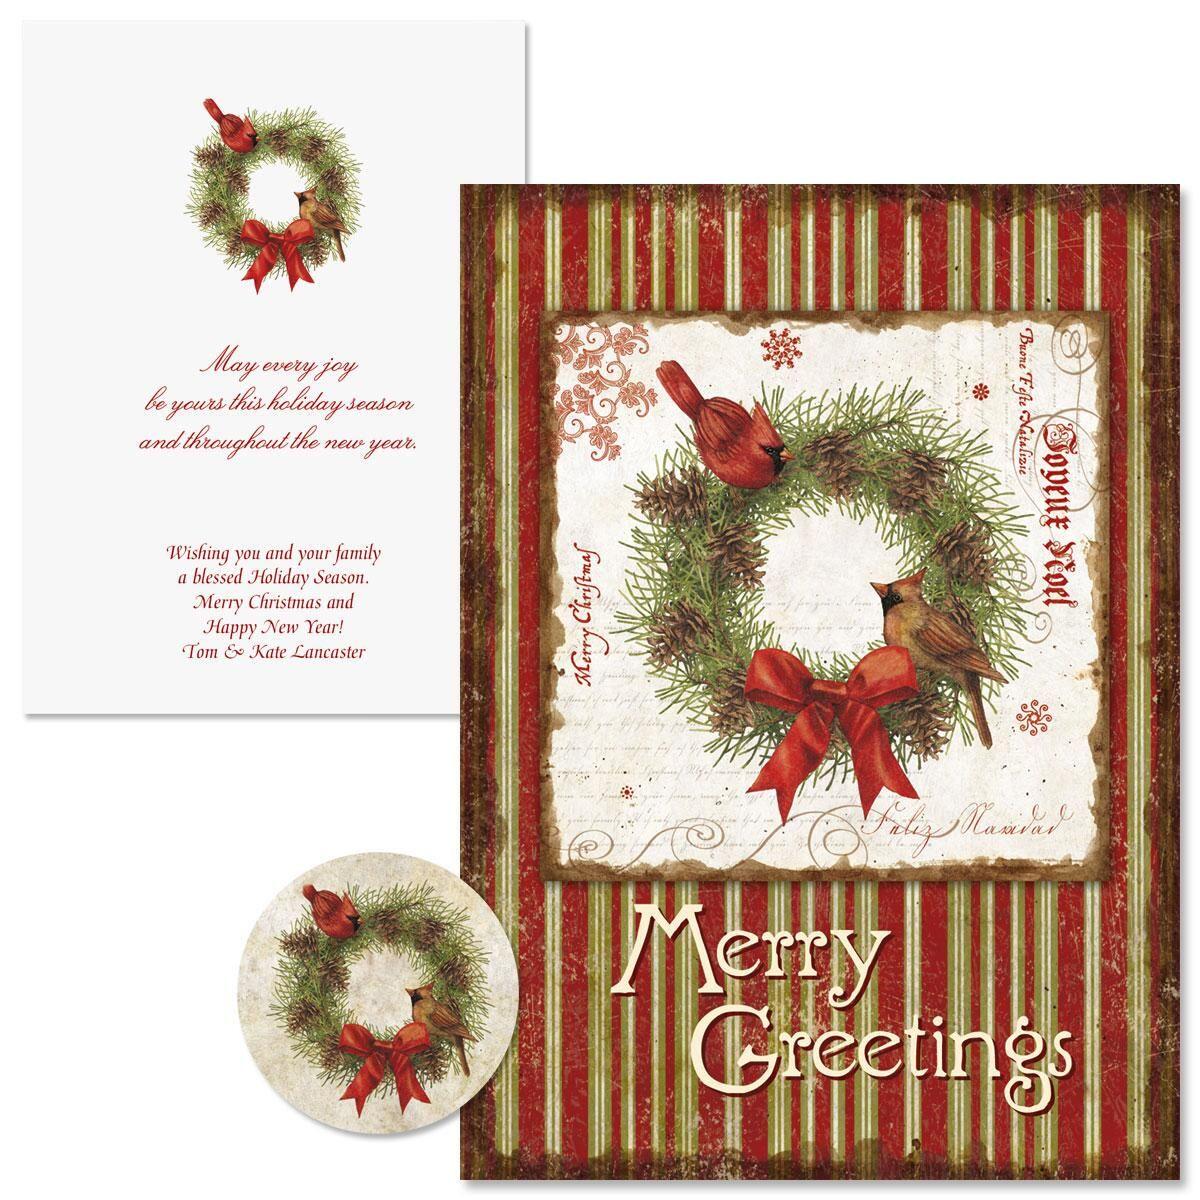 Joyelle Christmas Cards - Personalized